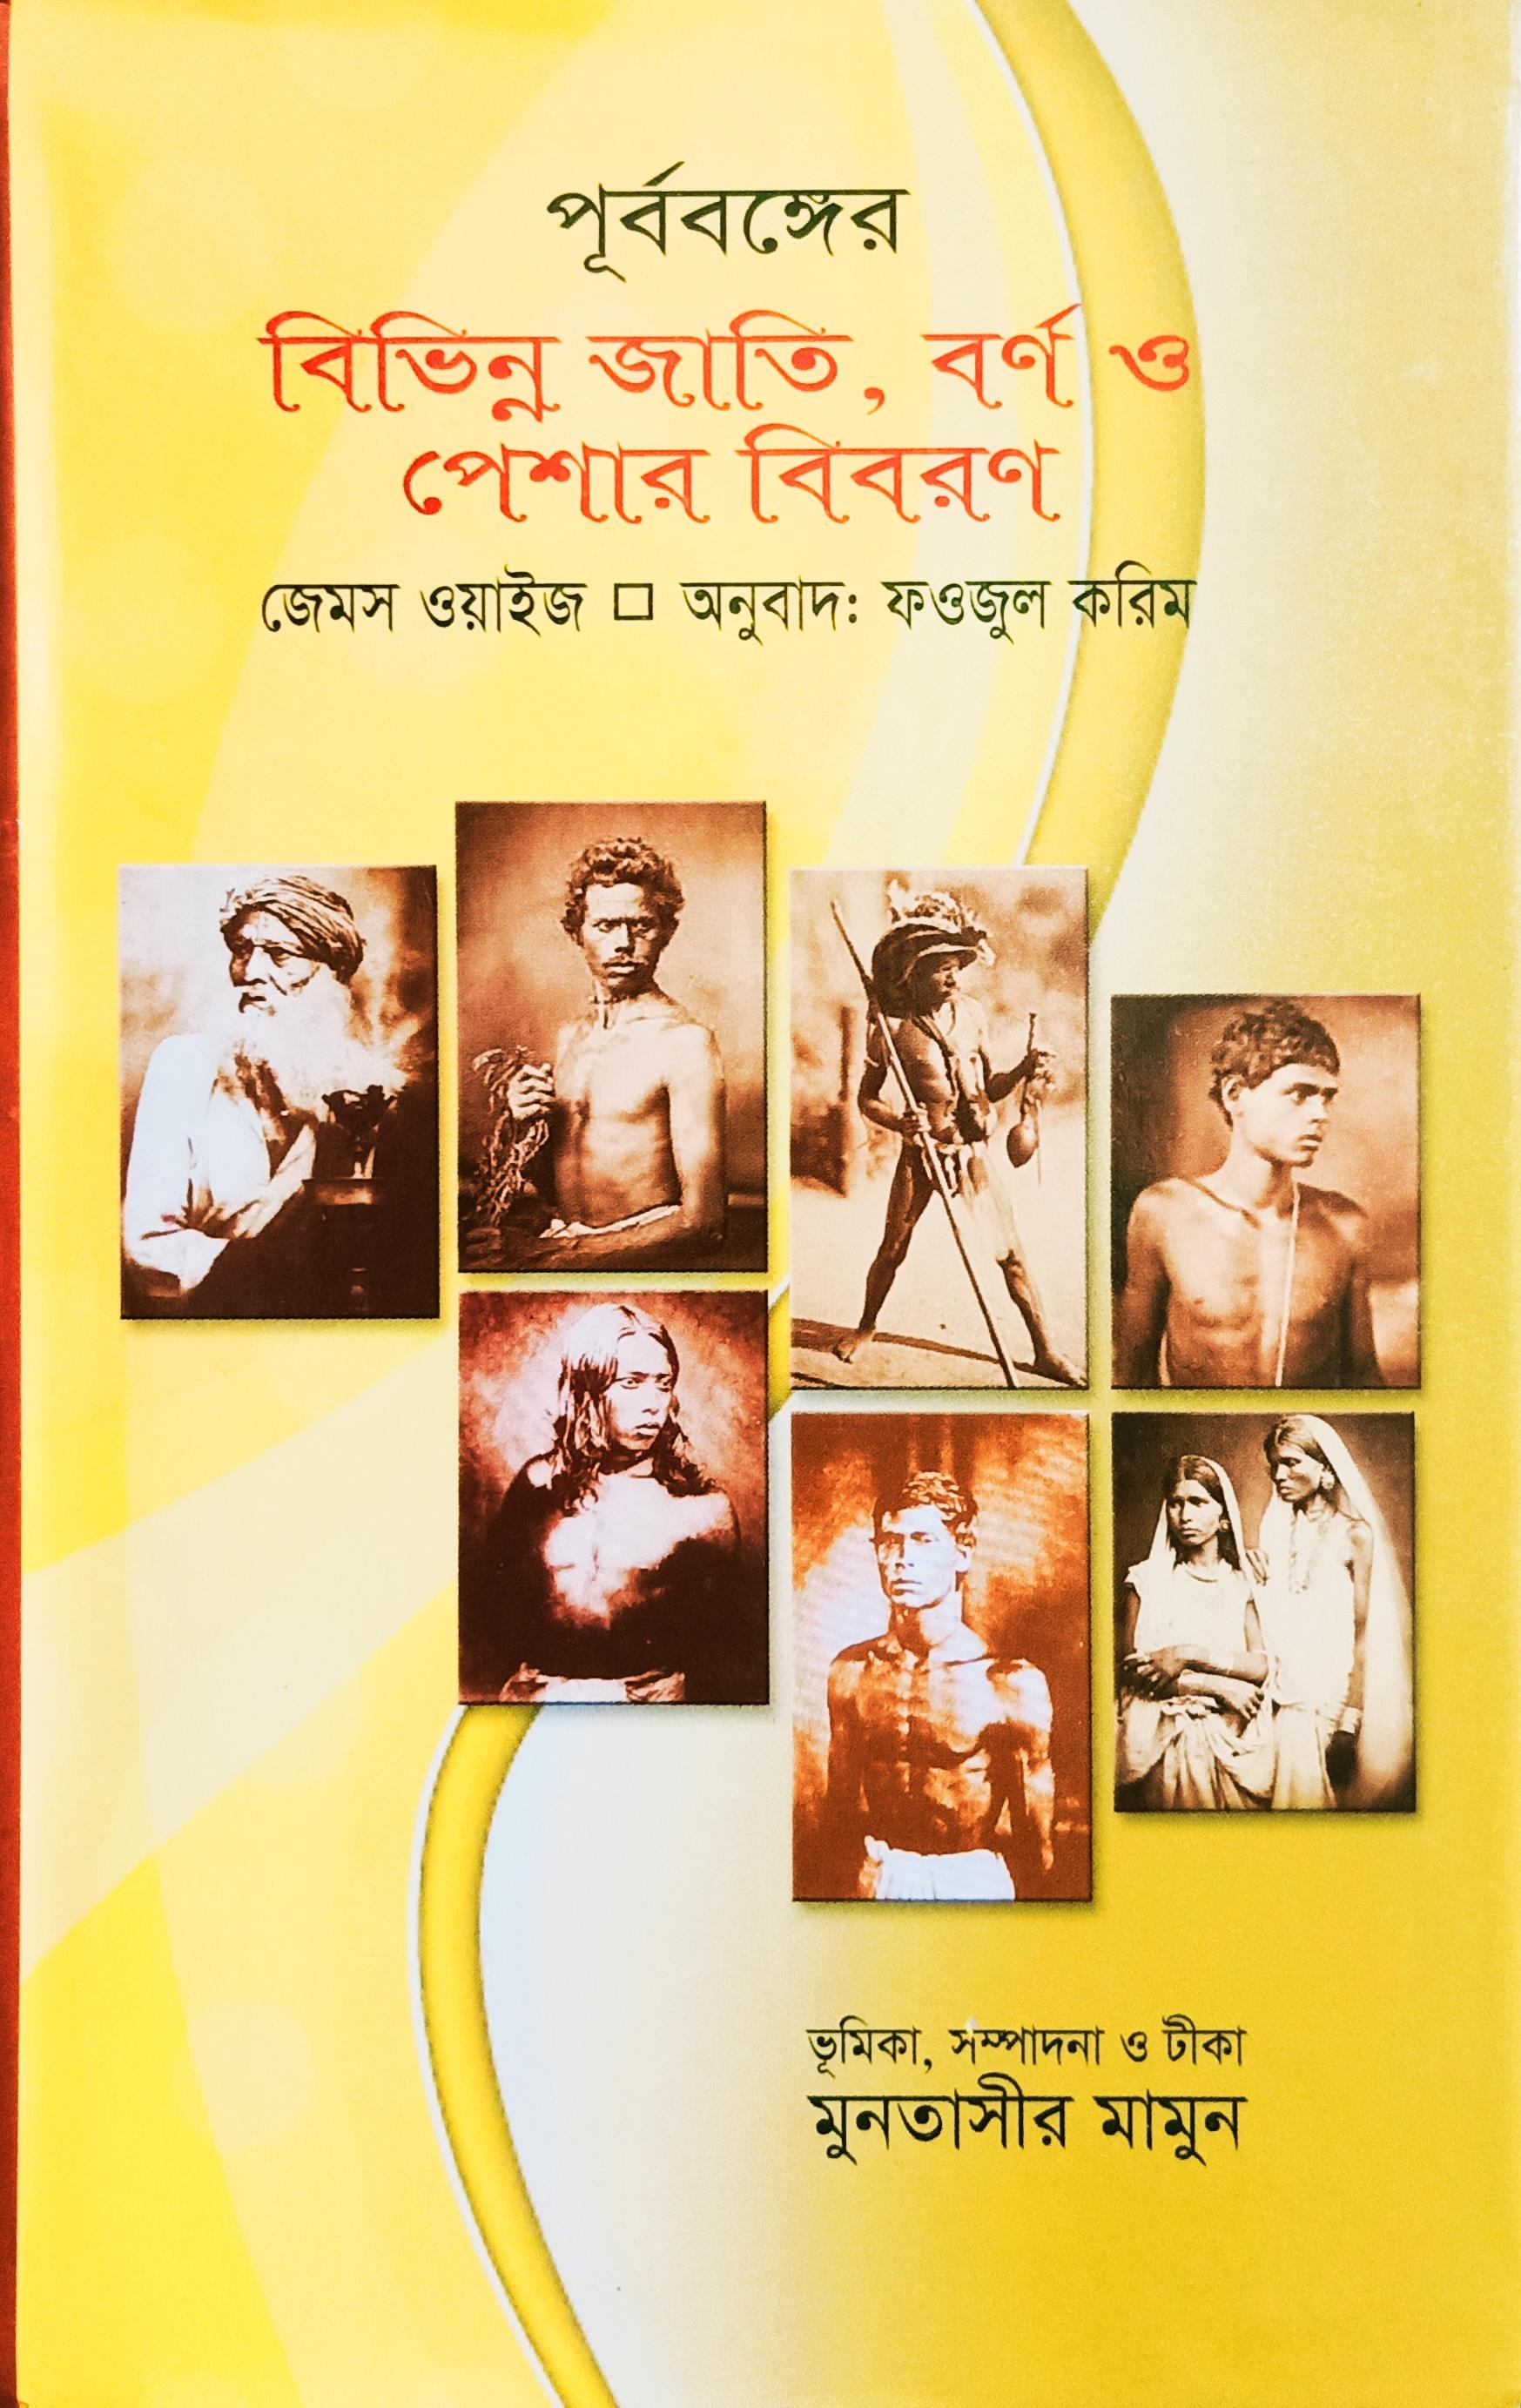 পূর্ববঙ্গের বিভিন্ন জাতি, বর্ণ ও পেশার বিবরণ James M.D. Wise, ফওজুল করিম, Muntassir Mamoon